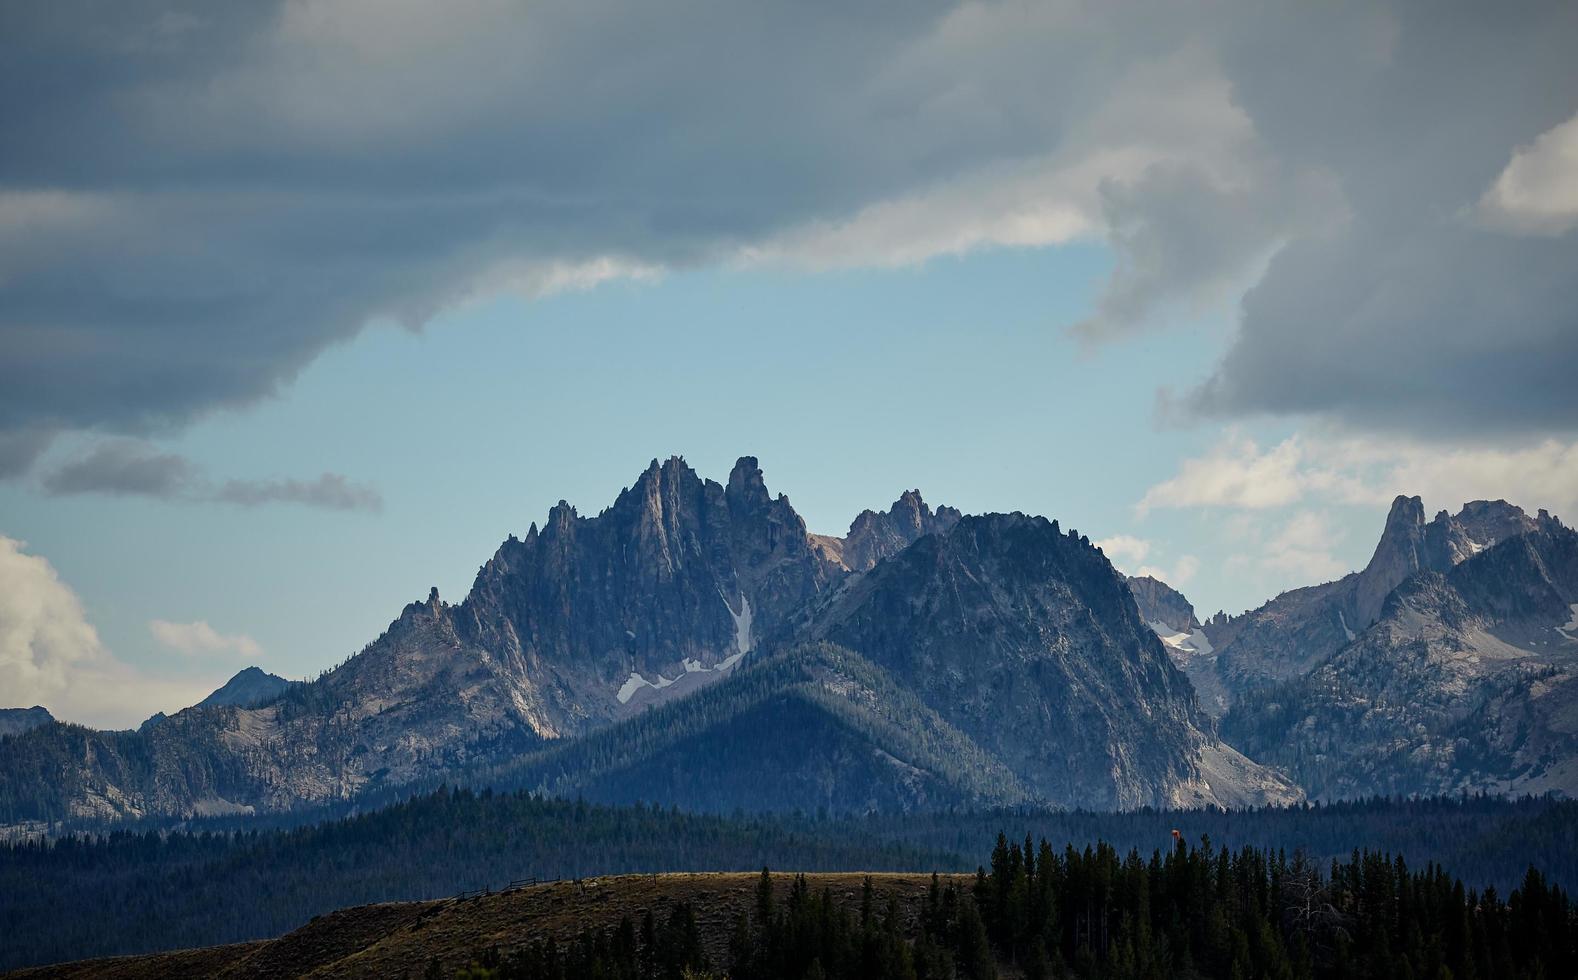 montagne rocheuse près de la forêt photo